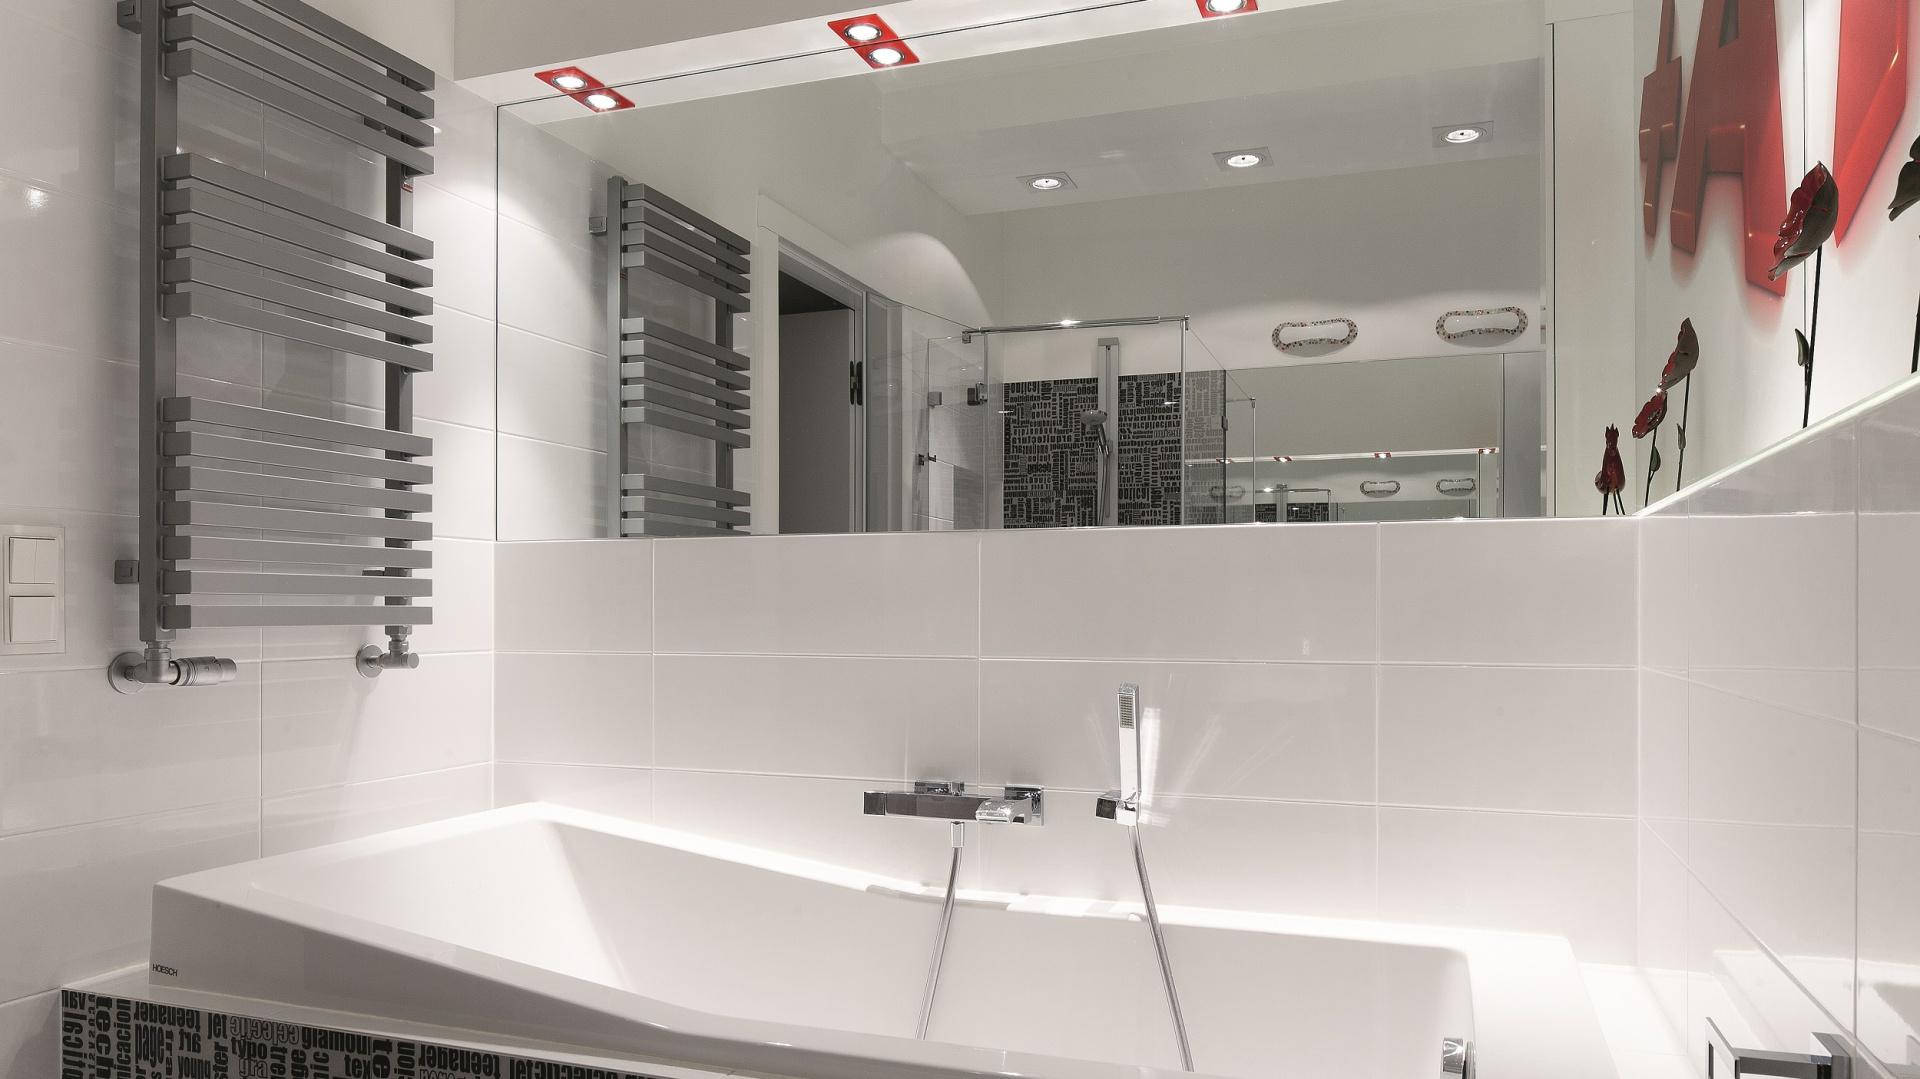 łazienka Dla Rodziny Gotowy Projekt Z Wanną I Kabiną